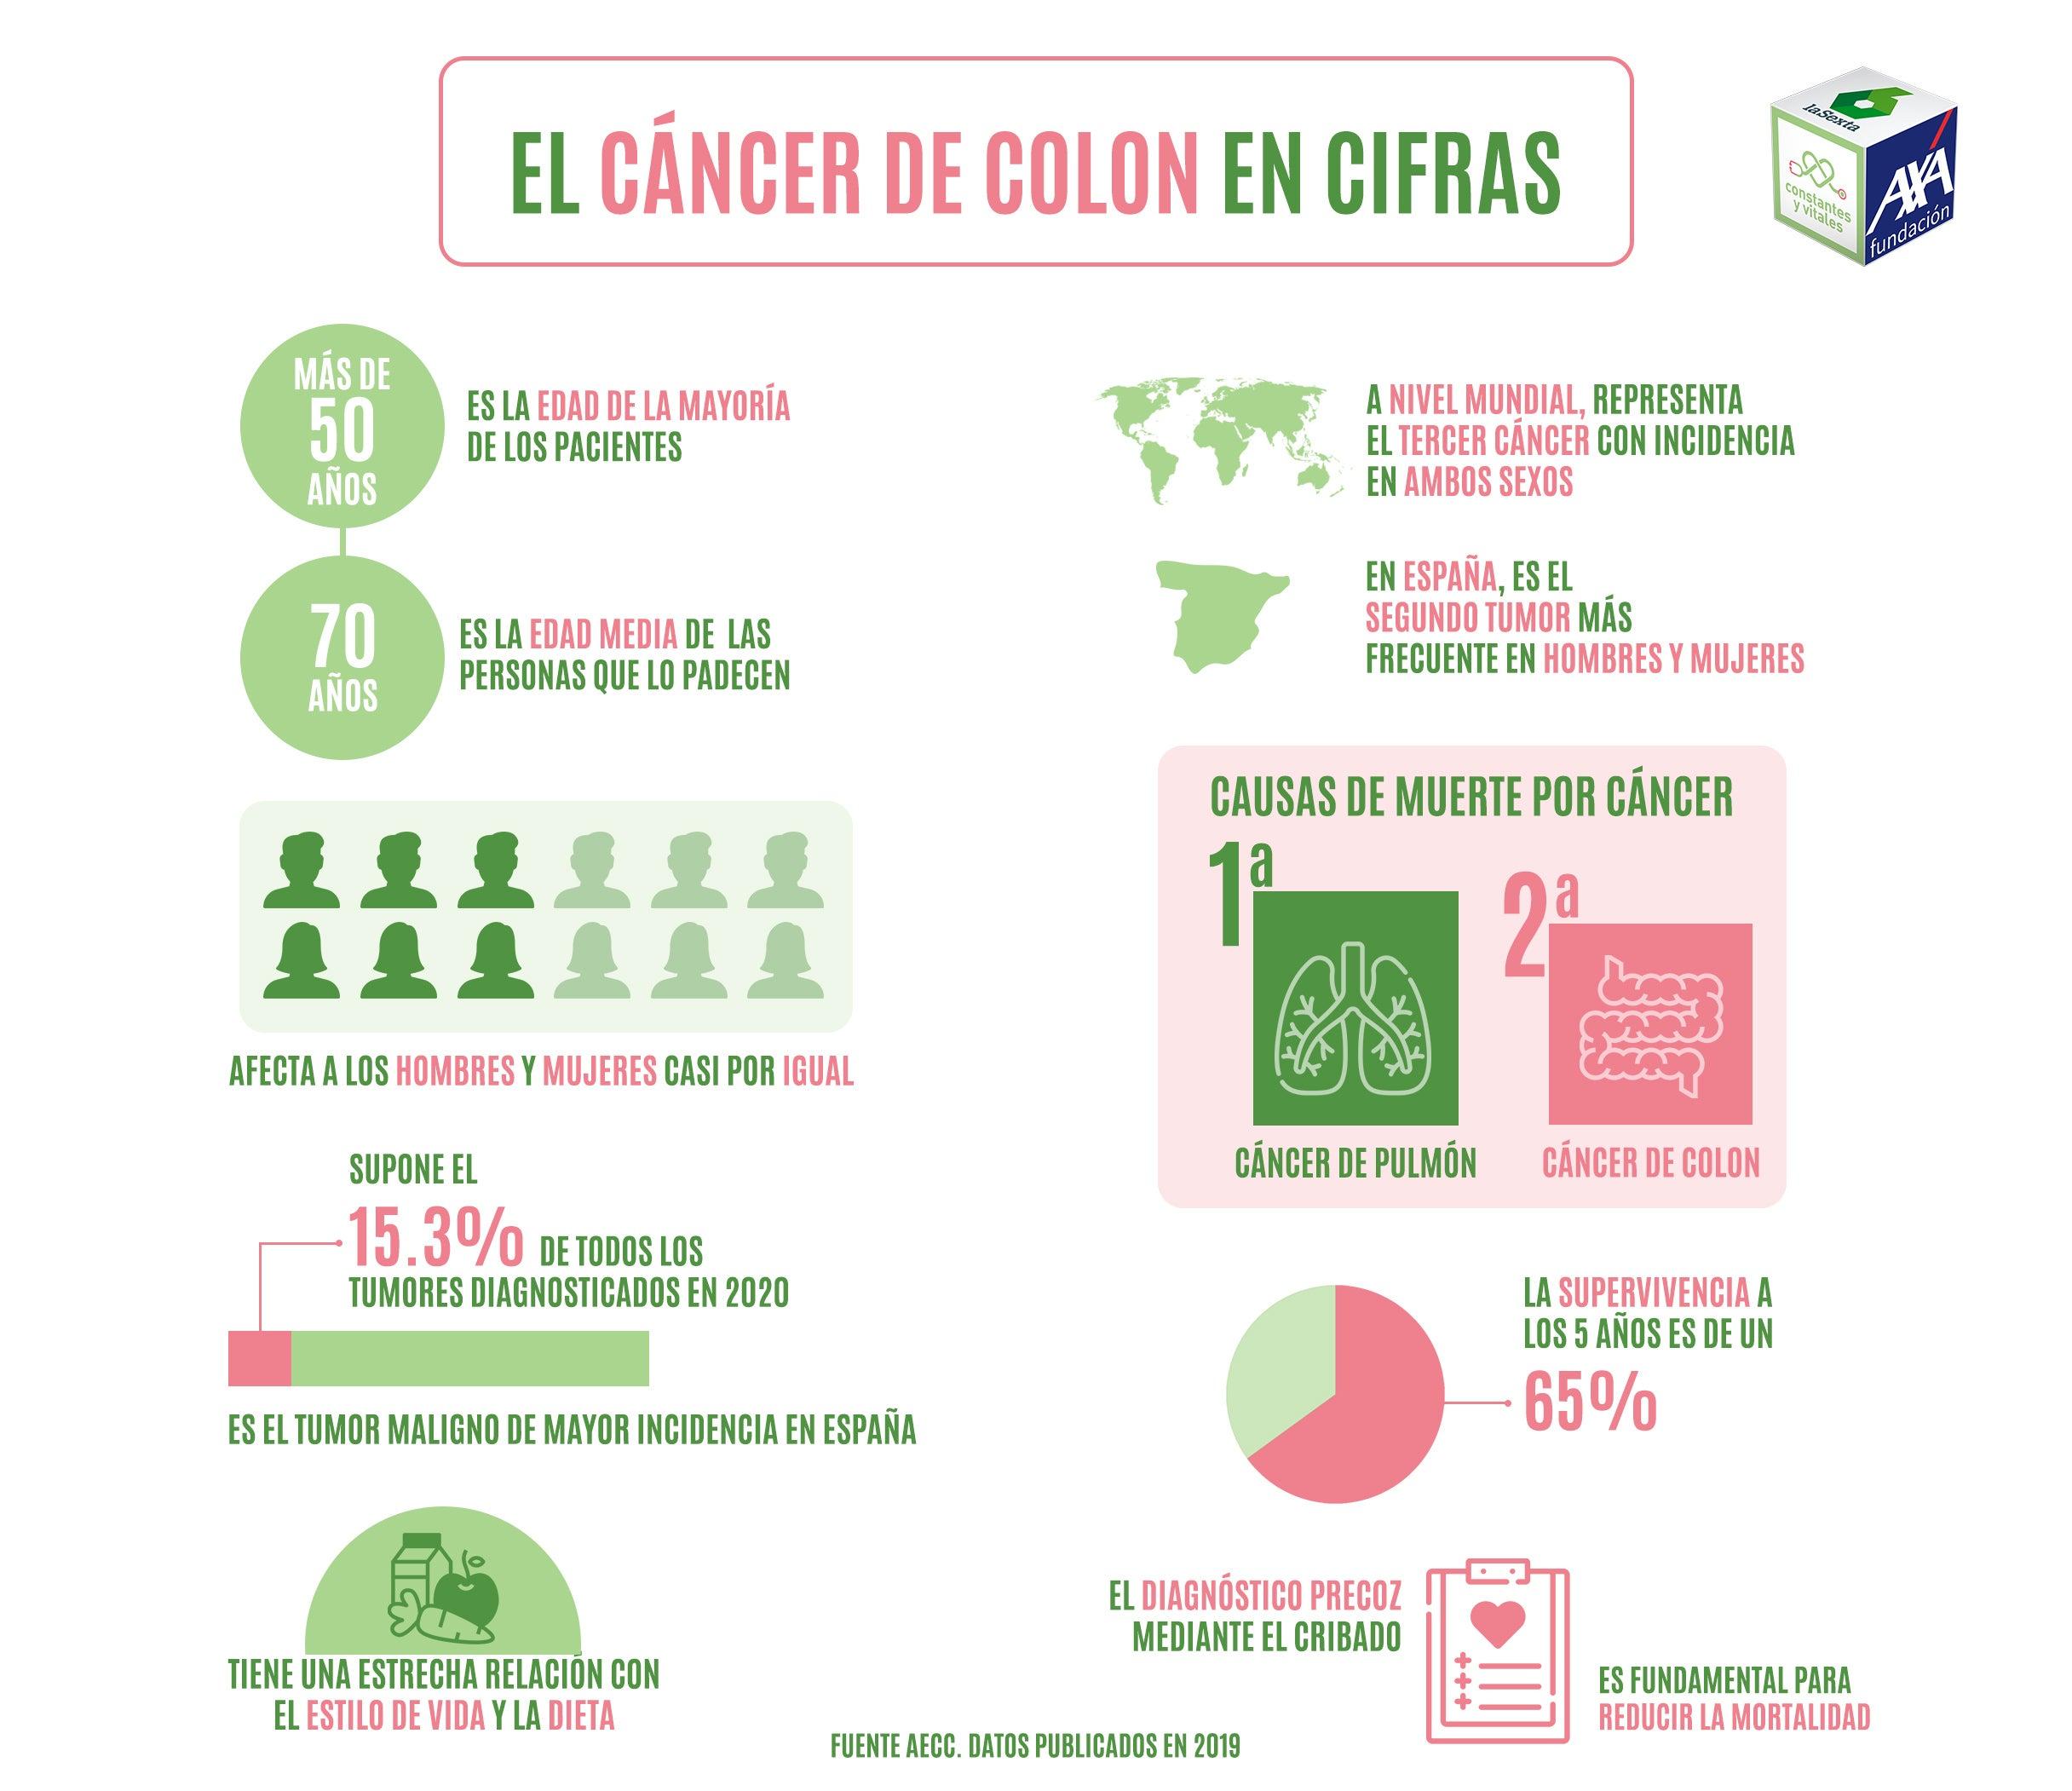 Infografía el cáncer de colon en cifras